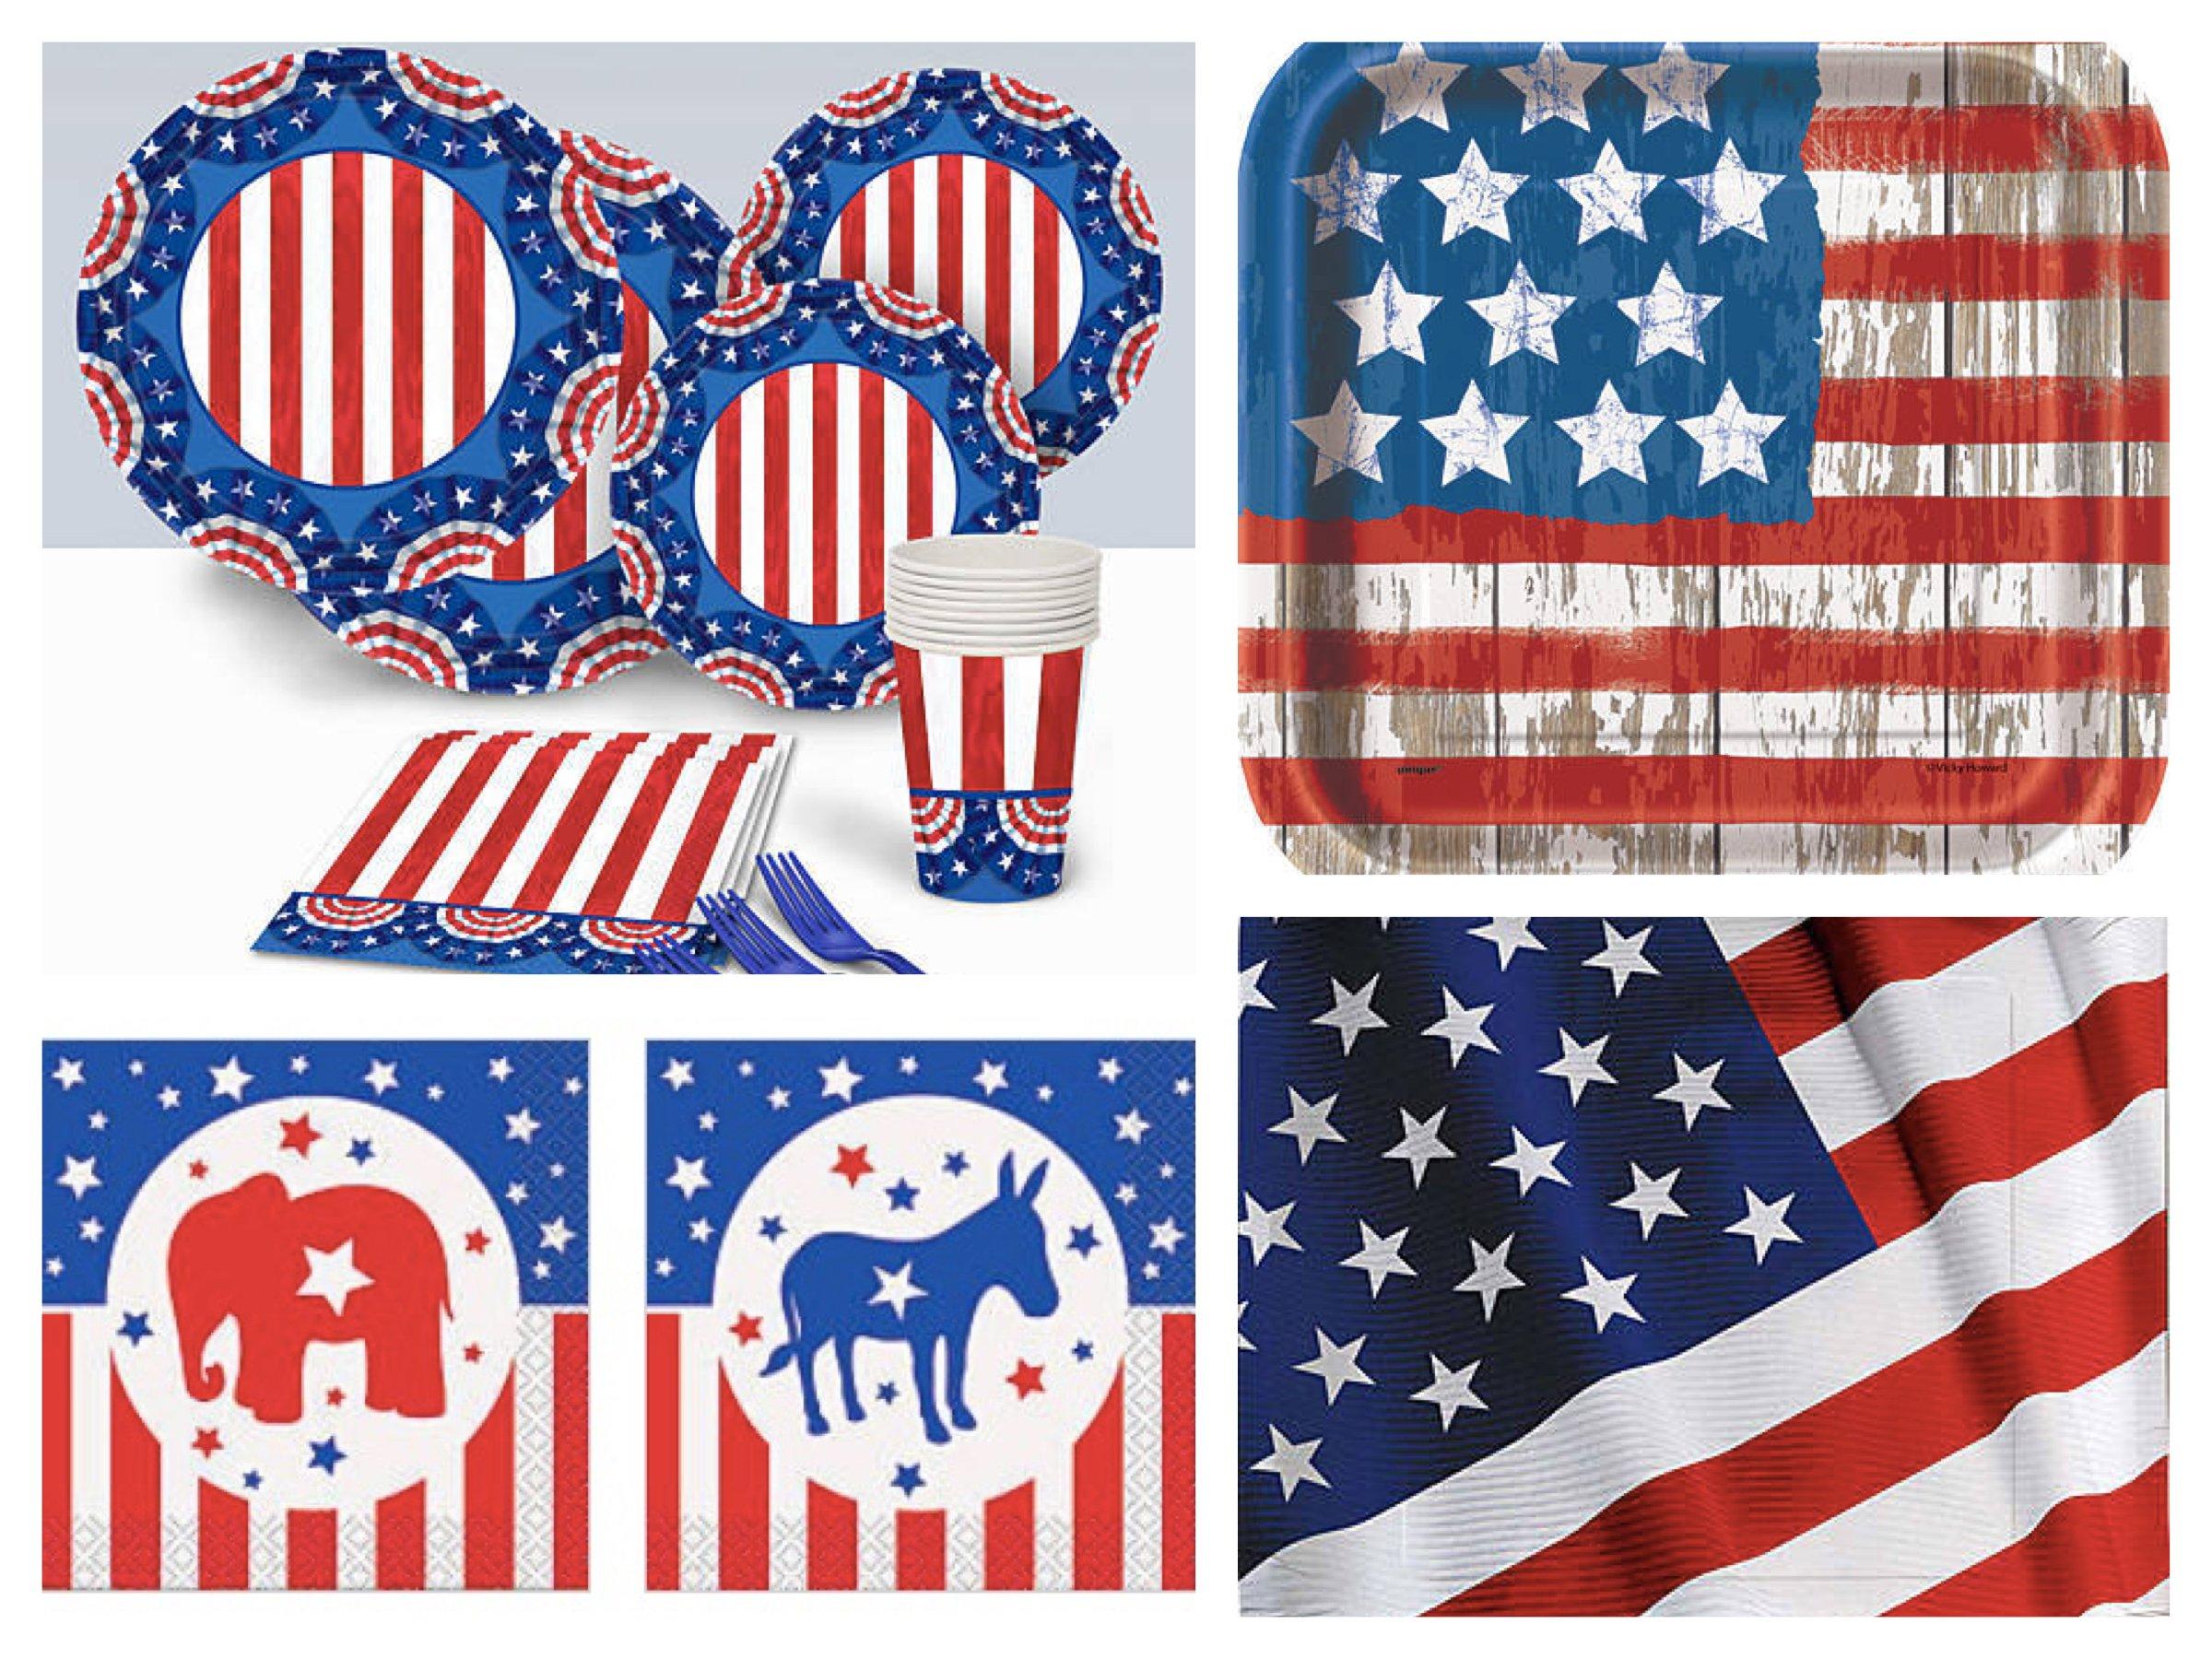 Patriotic Paper Goods